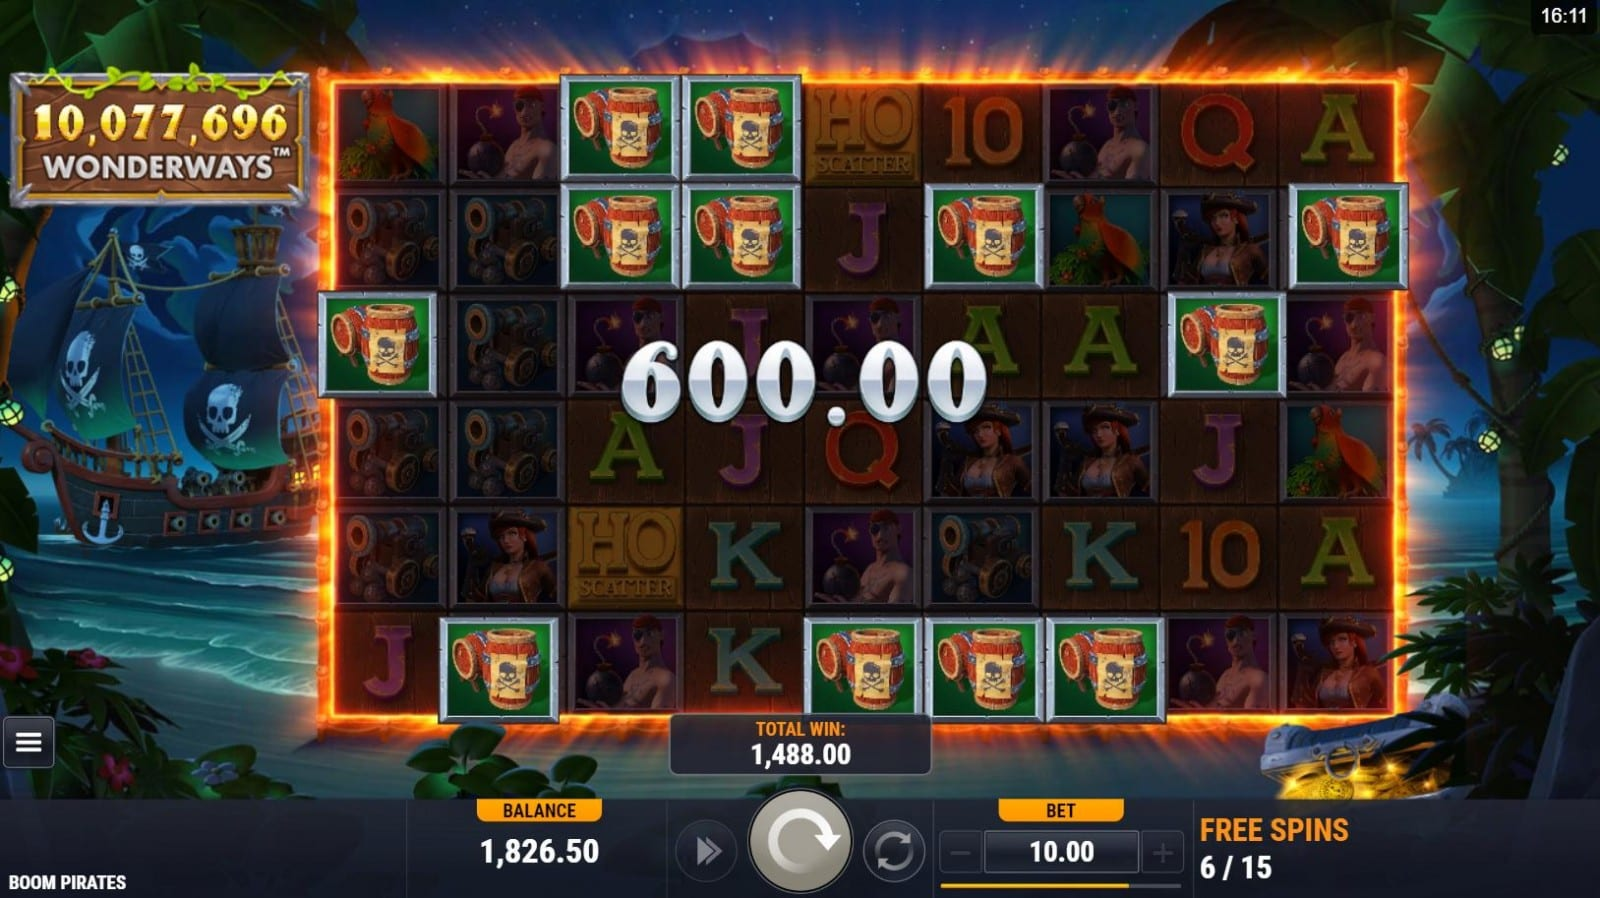 Boom Pirates Slot Win